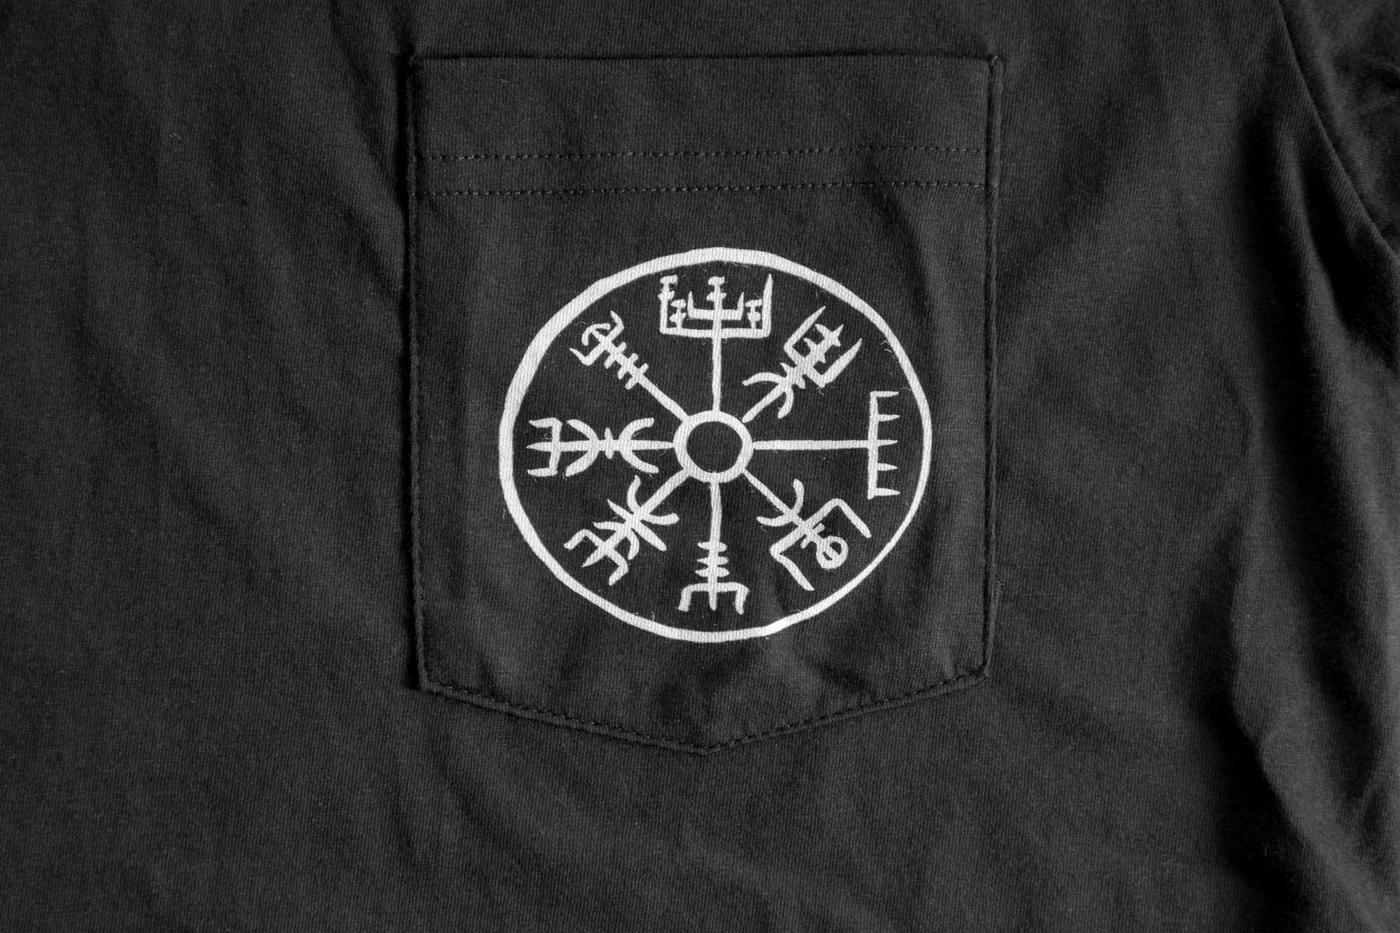 Berserker_Shirt-5